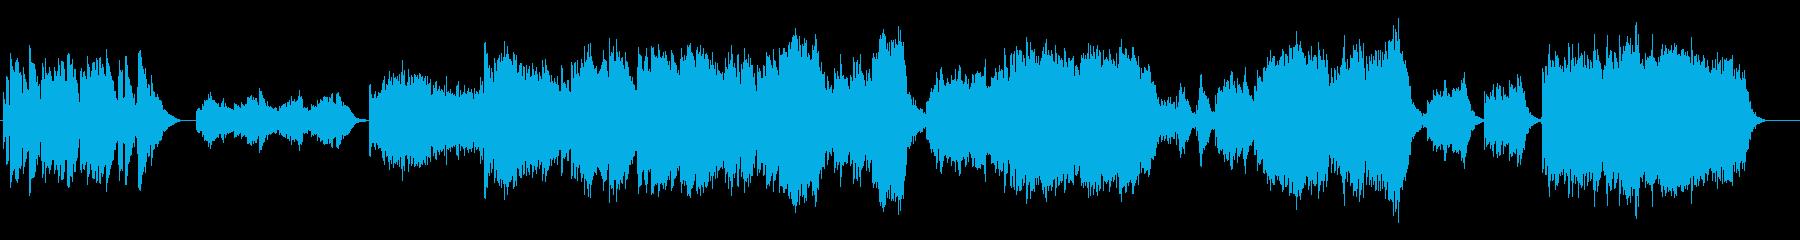 ほんのり感が美しいアンビエント・サウンドの再生済みの波形